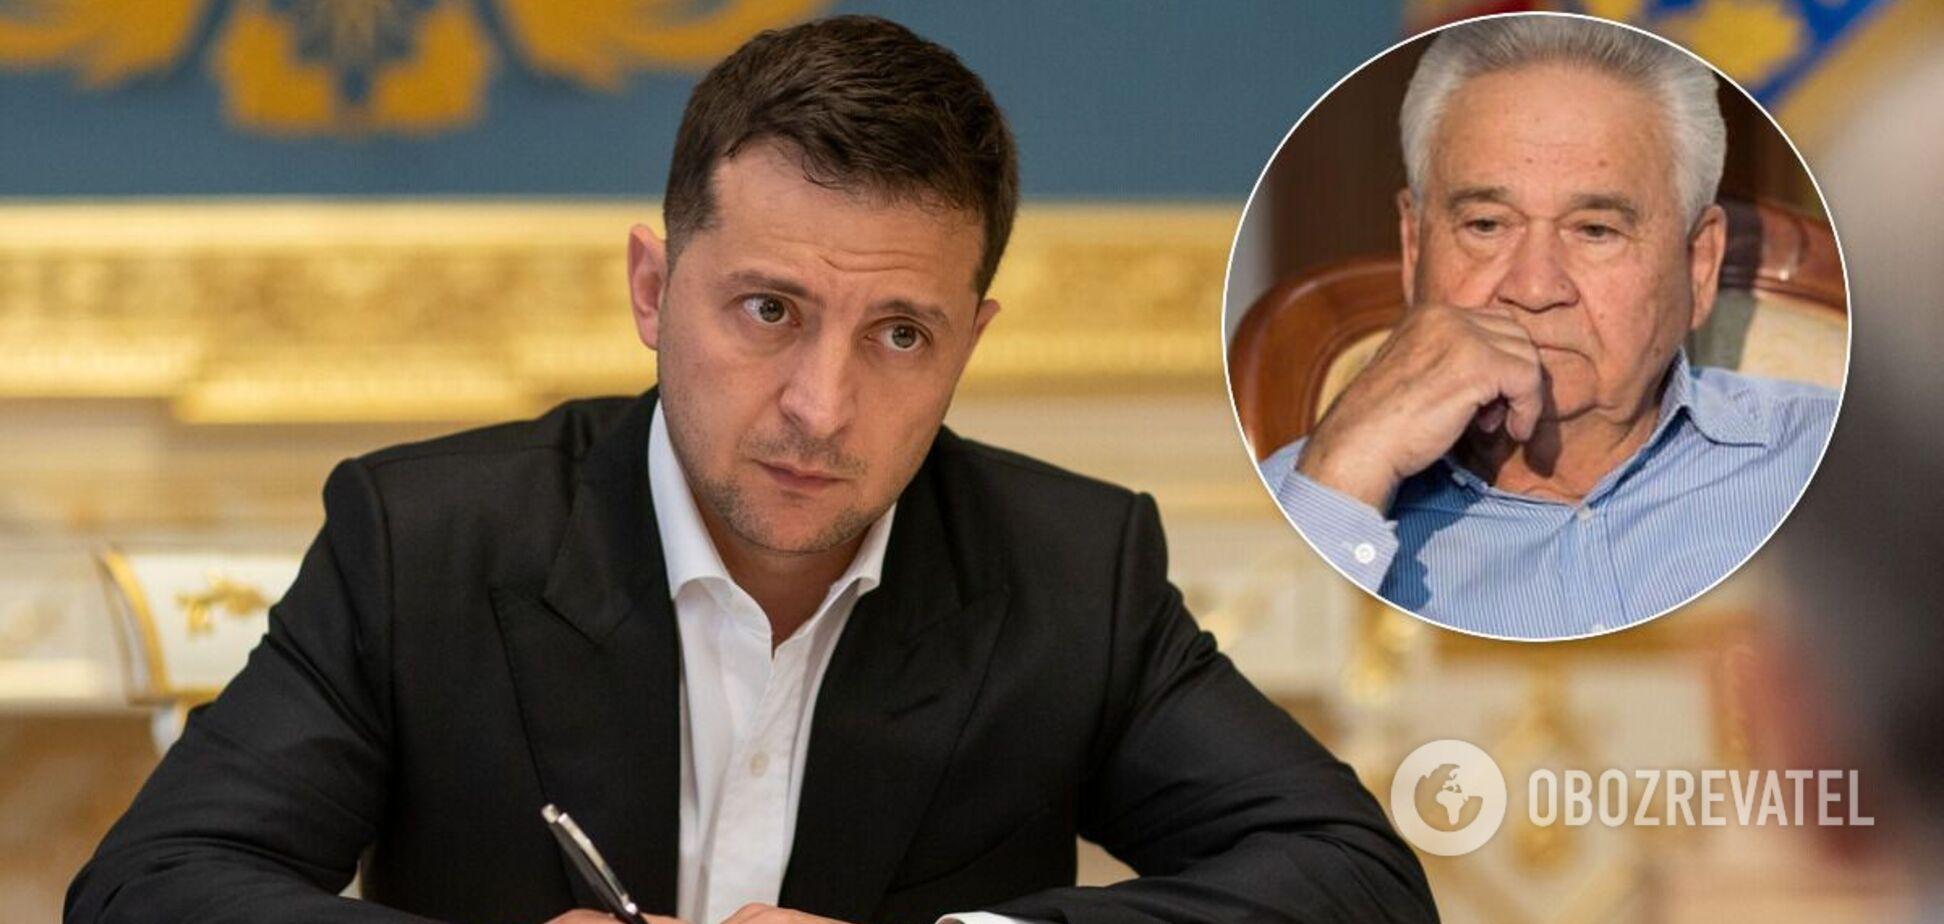 Зеленский ввел 87-летнего Фокина в ТКГ по Донбассу